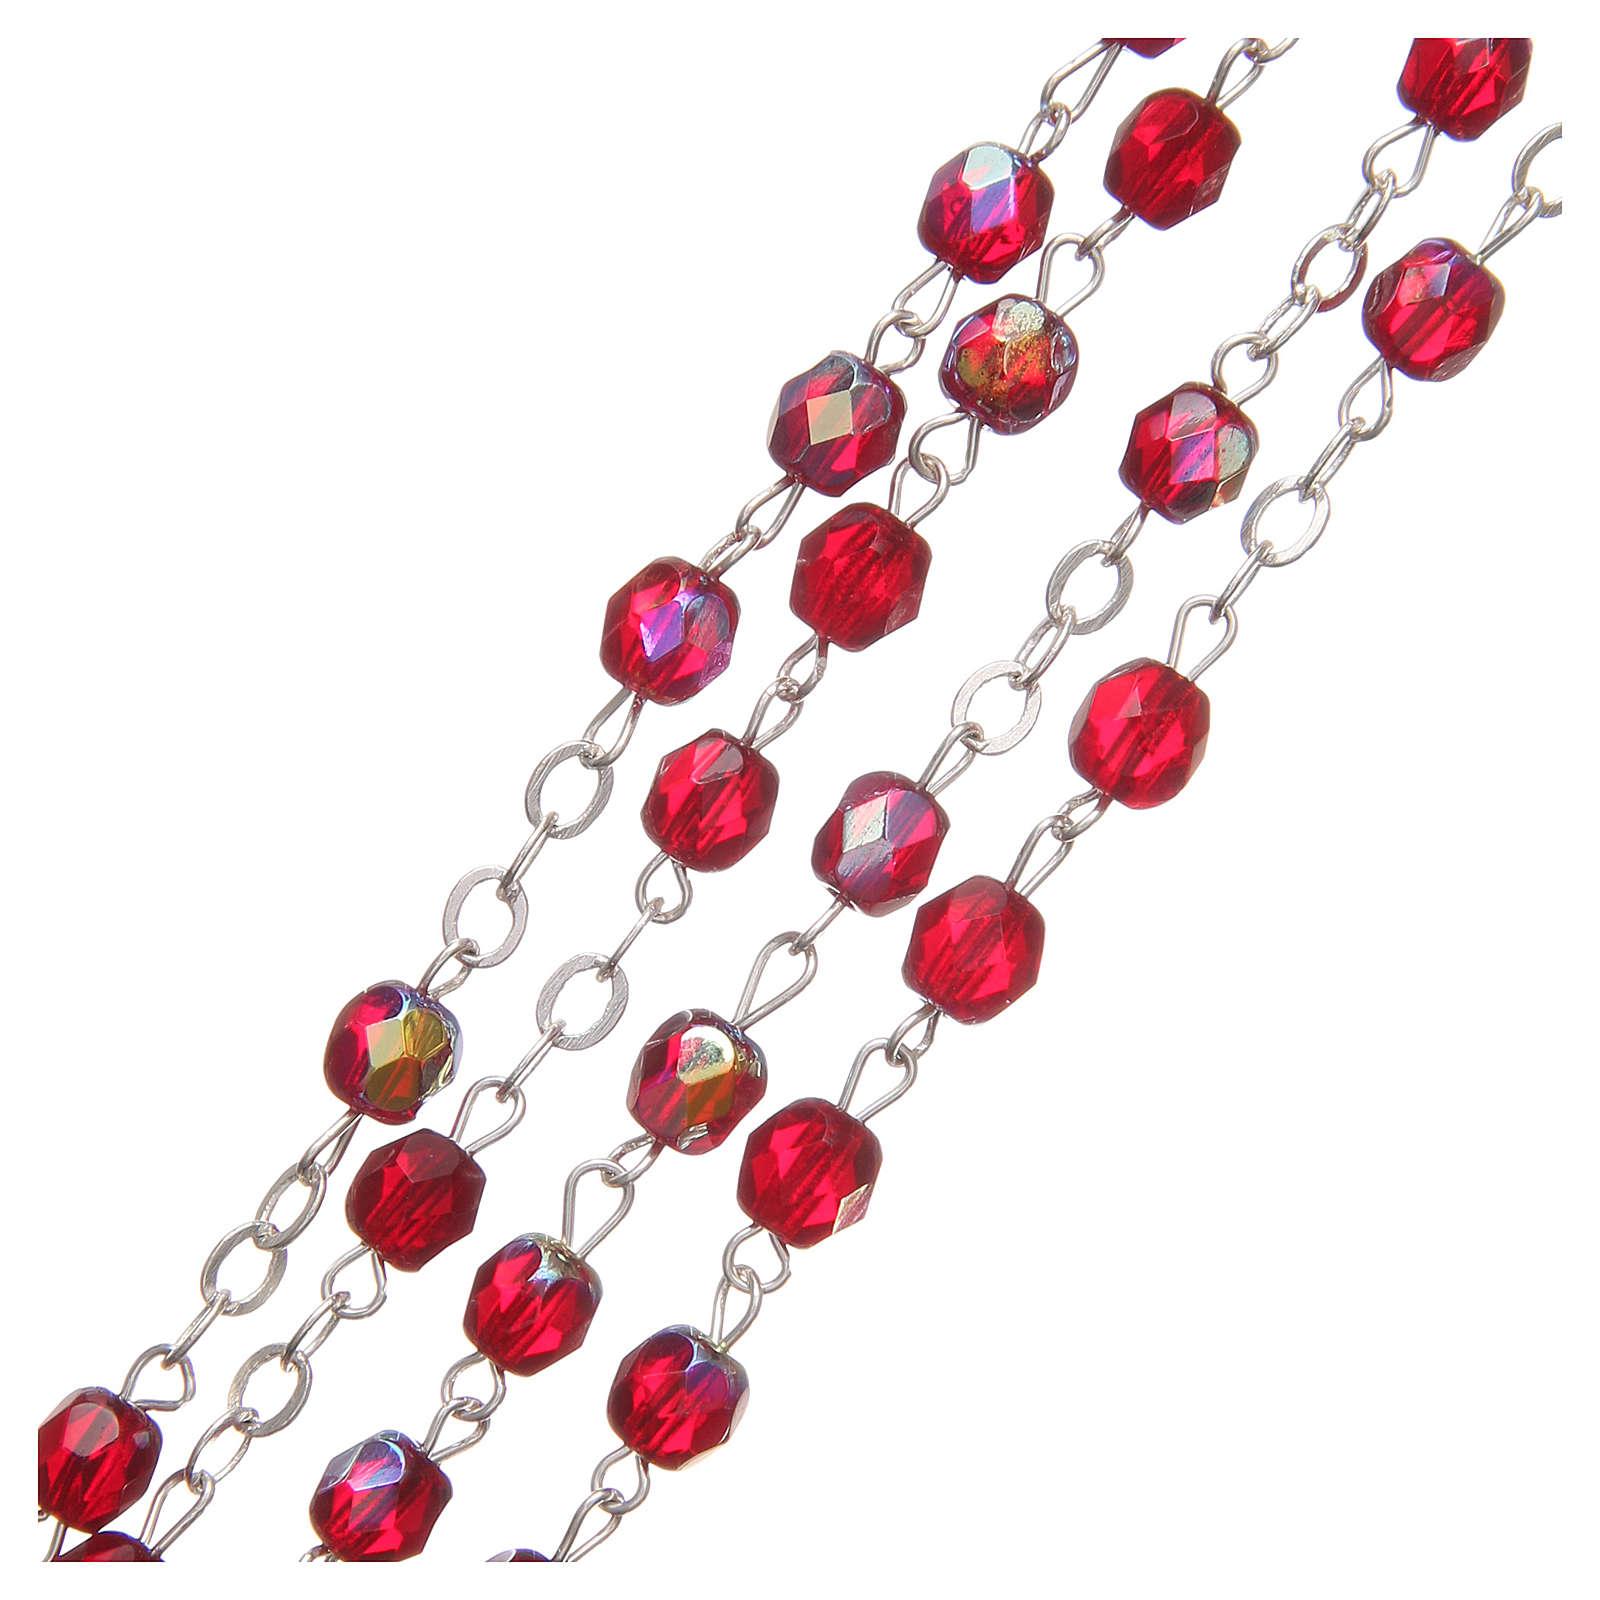 STOCK Rosario cristallo borealizzato Giubileo 4 mm rosso rubino 4